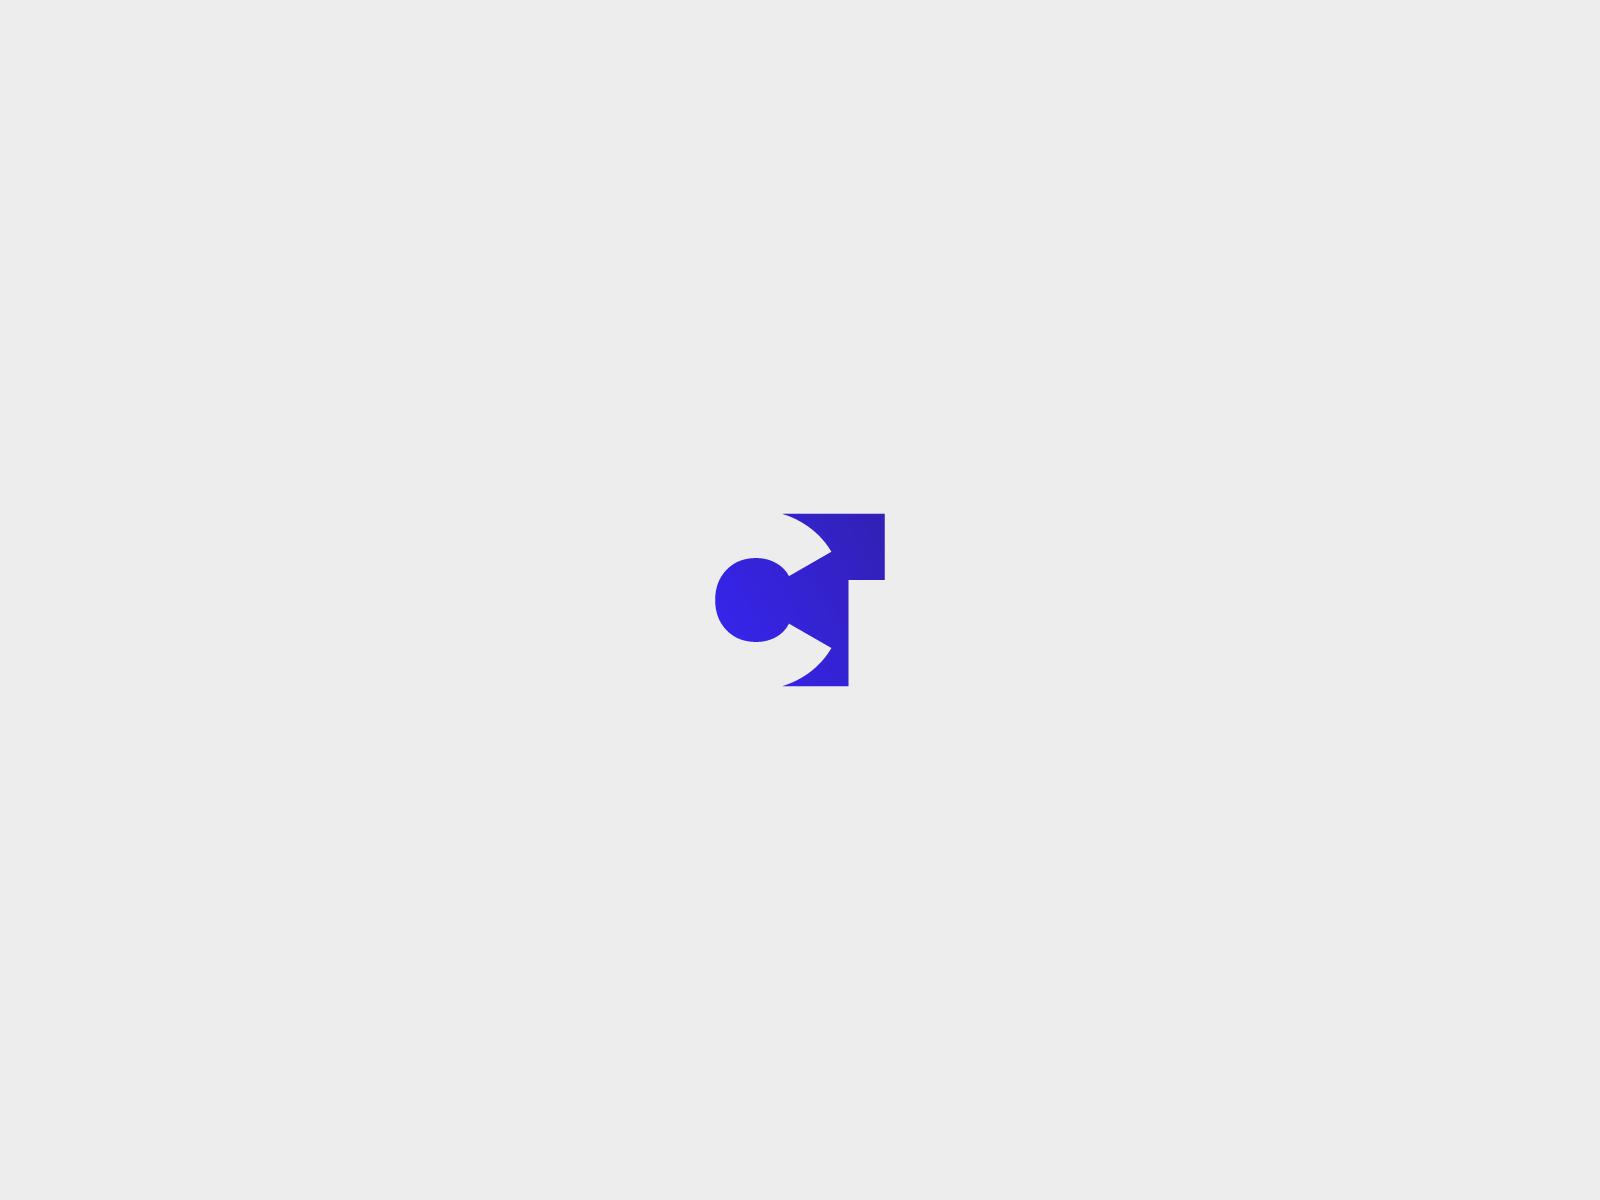 Разработать дизайн  логотипа компании фото f_5345dd0f03e0ea40.png